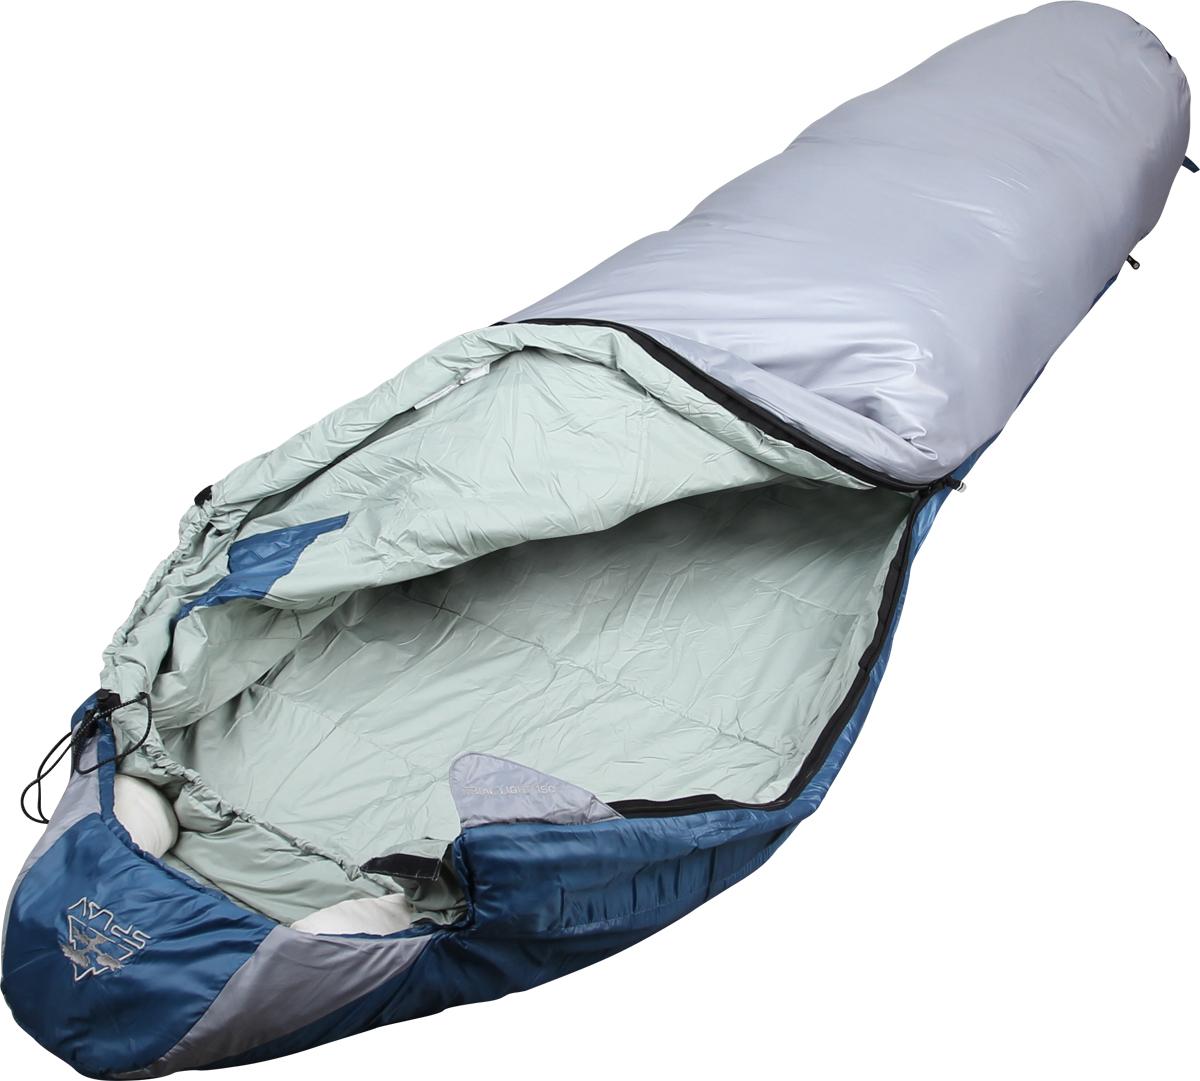 Спальный мешок Сплав Trial Light 150, правосторонняя молния, цвет: серый, 240 x 85 x 60 см